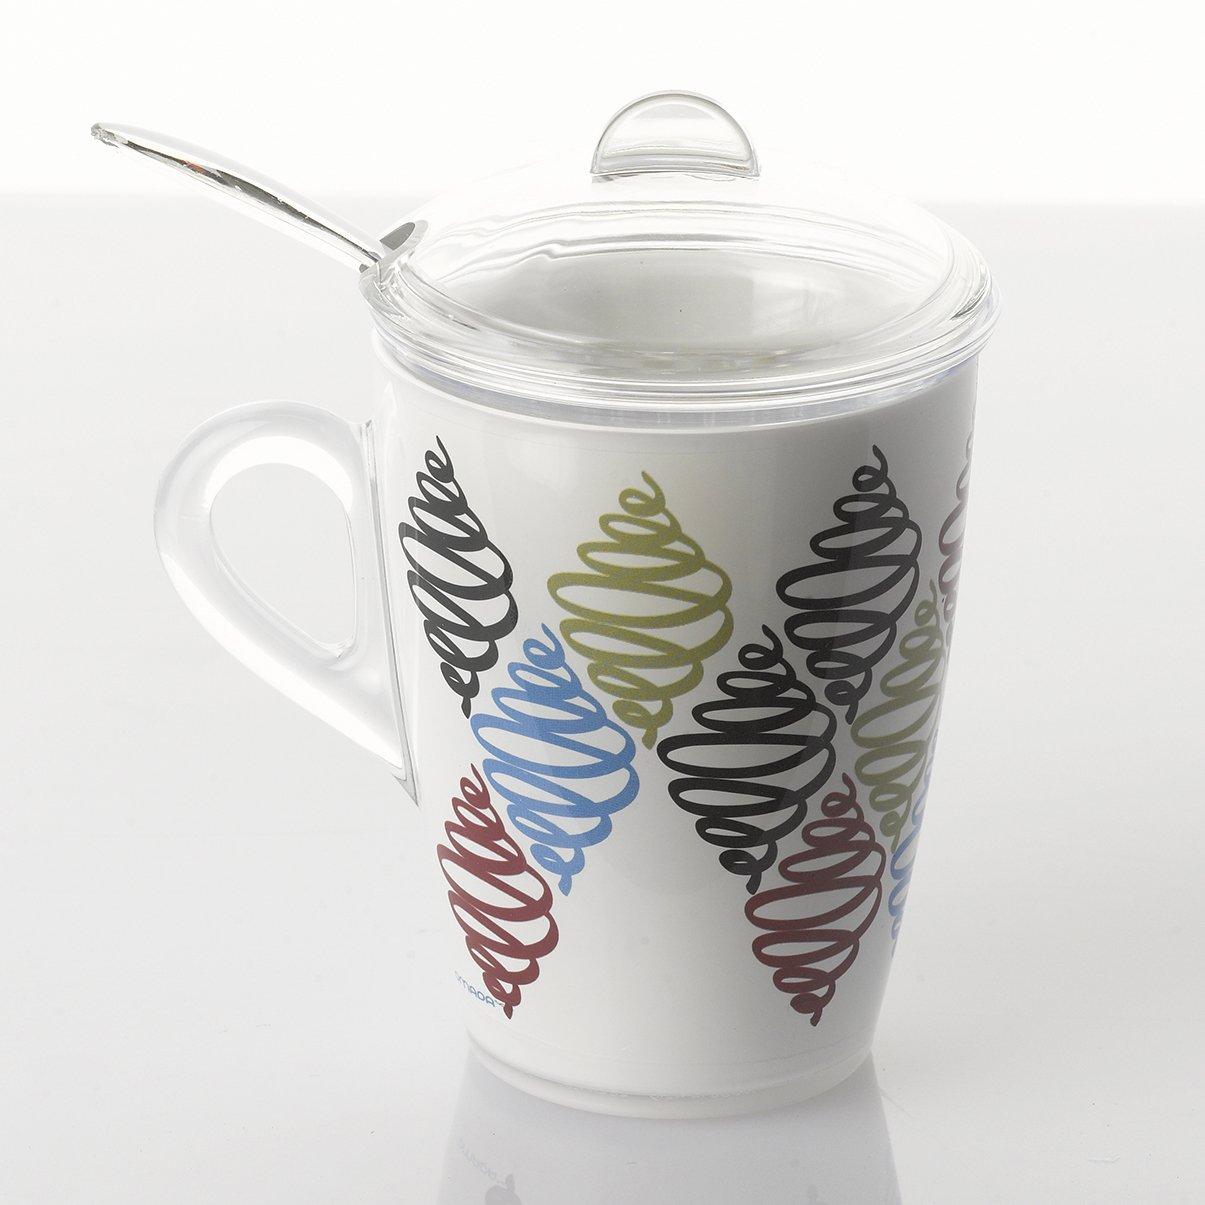 30 cl irrompible y apta para lavavajillas decoraci/ón indeleble l/ínea Plexart Omada Design tisaniera o taza con filtro tapa y cuchara incluidas